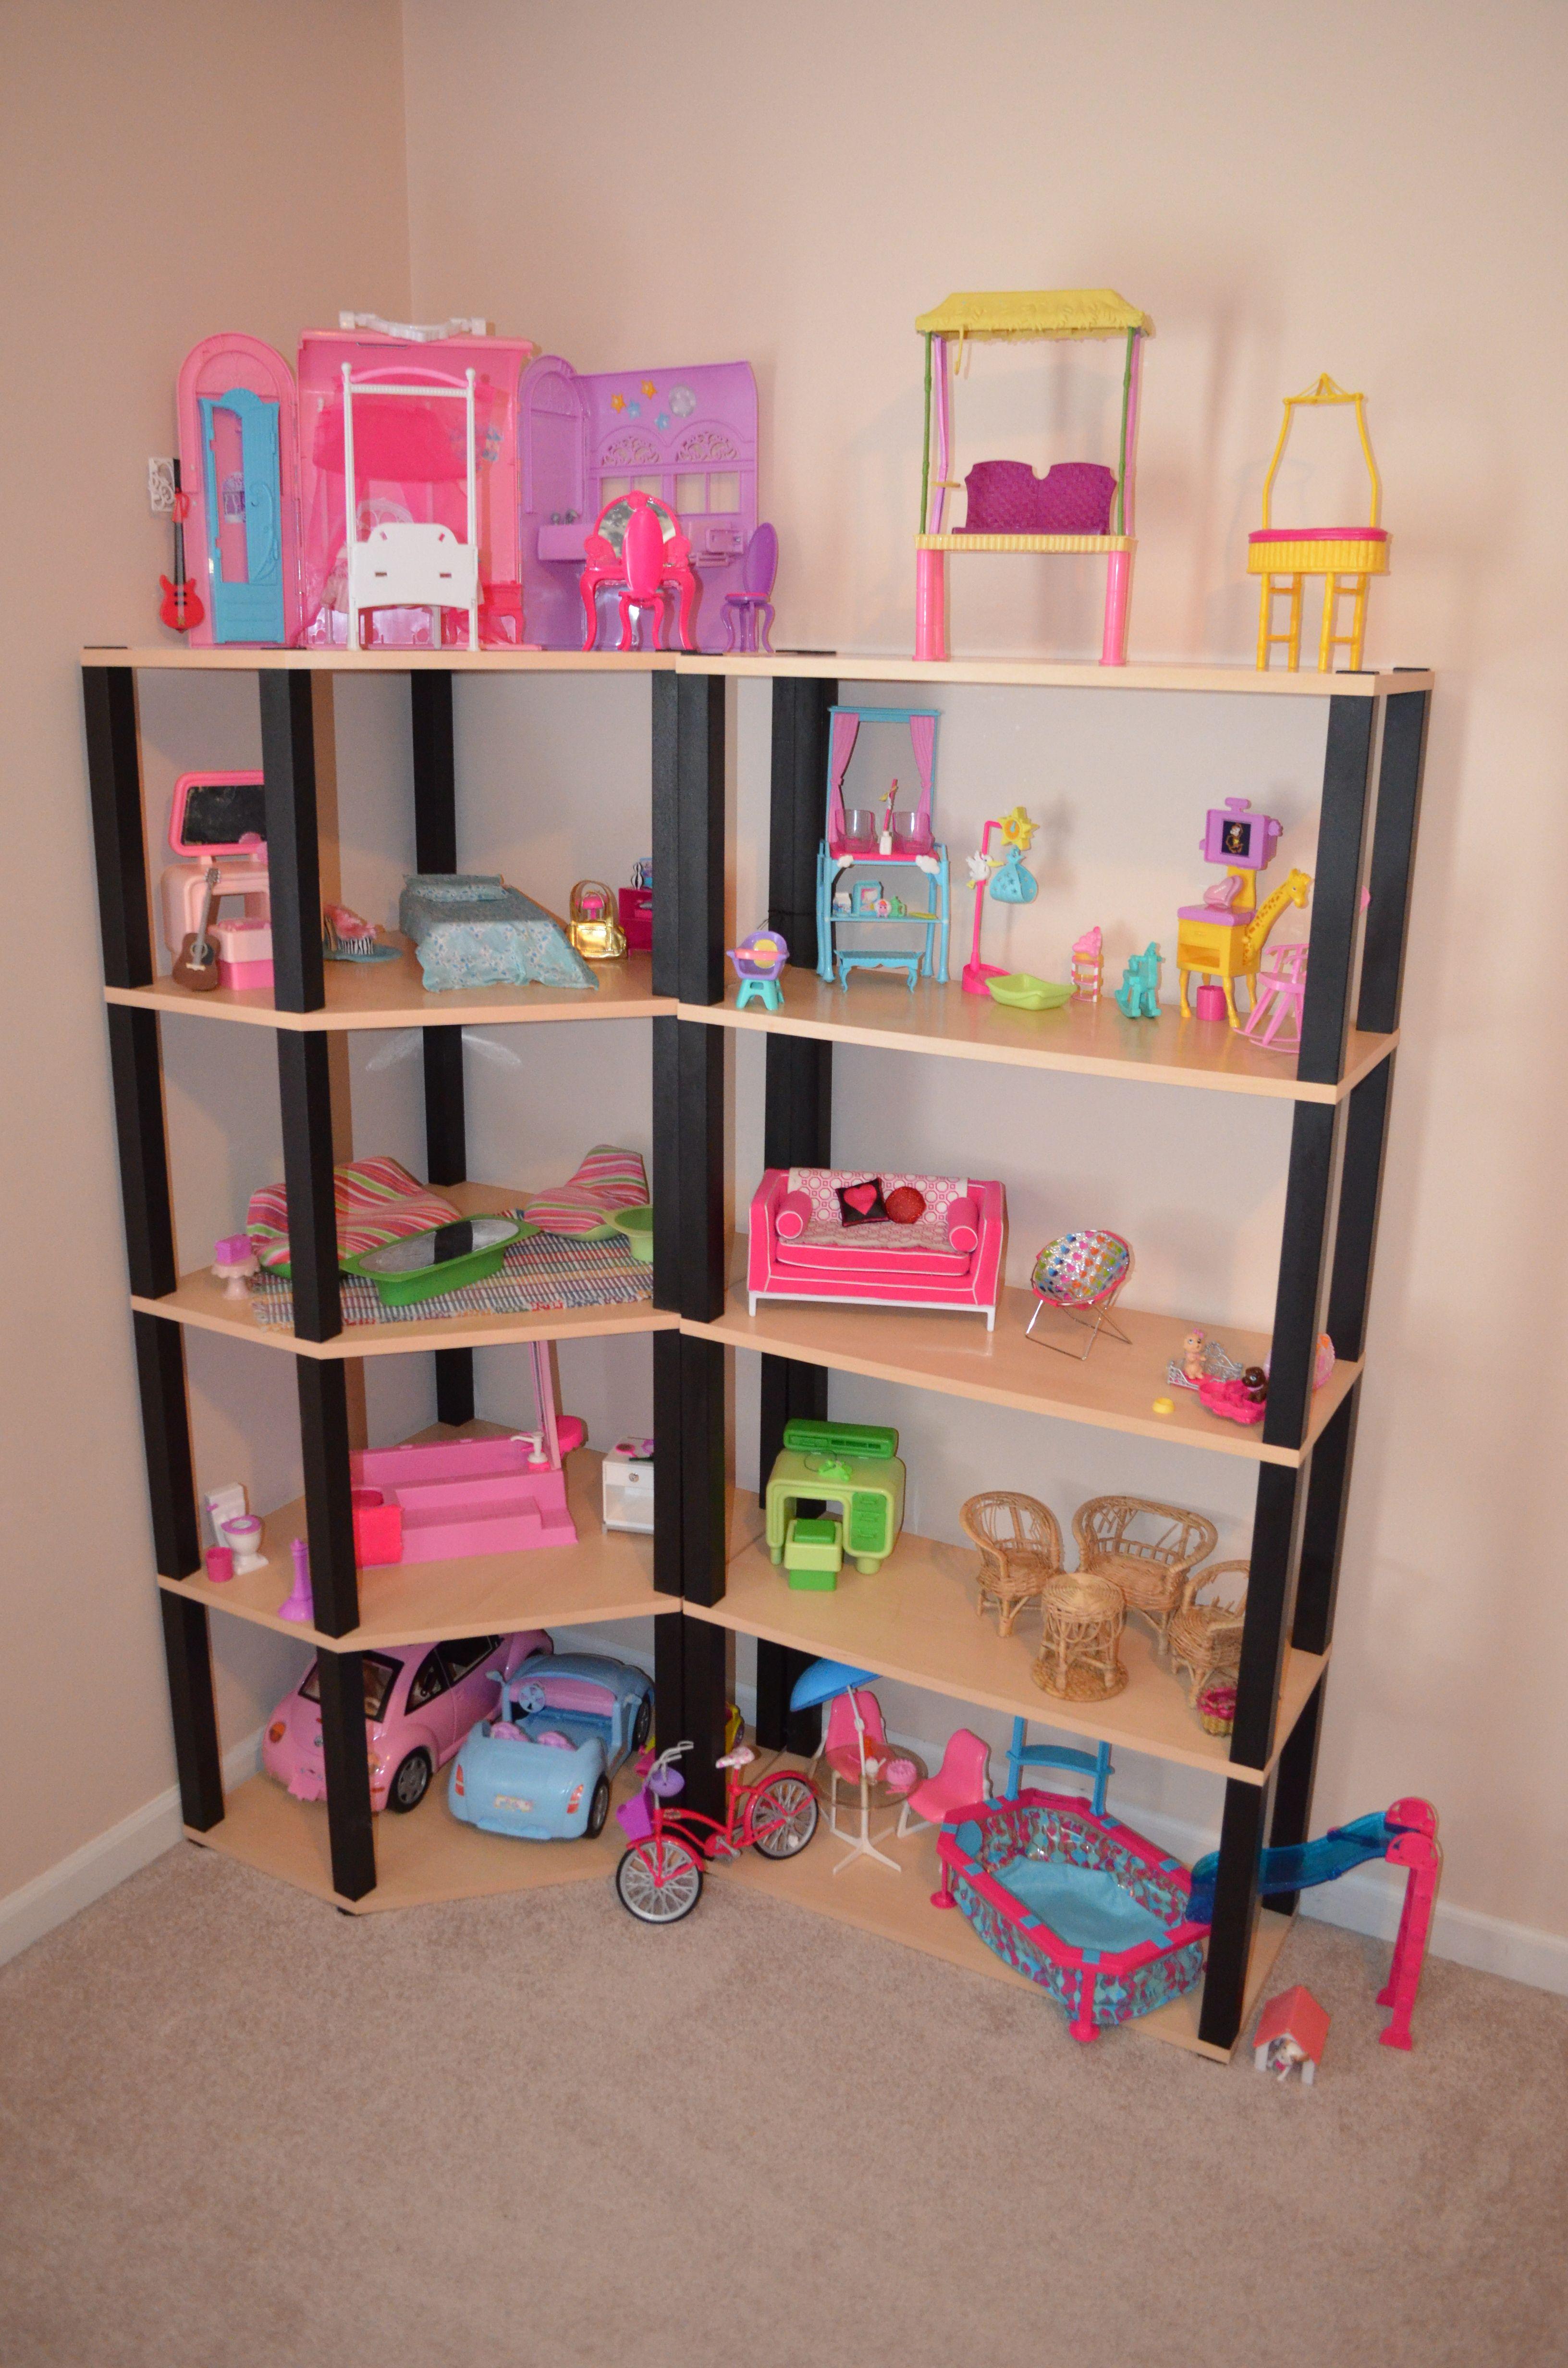 Barbie House I converted corner book shelves into a 5